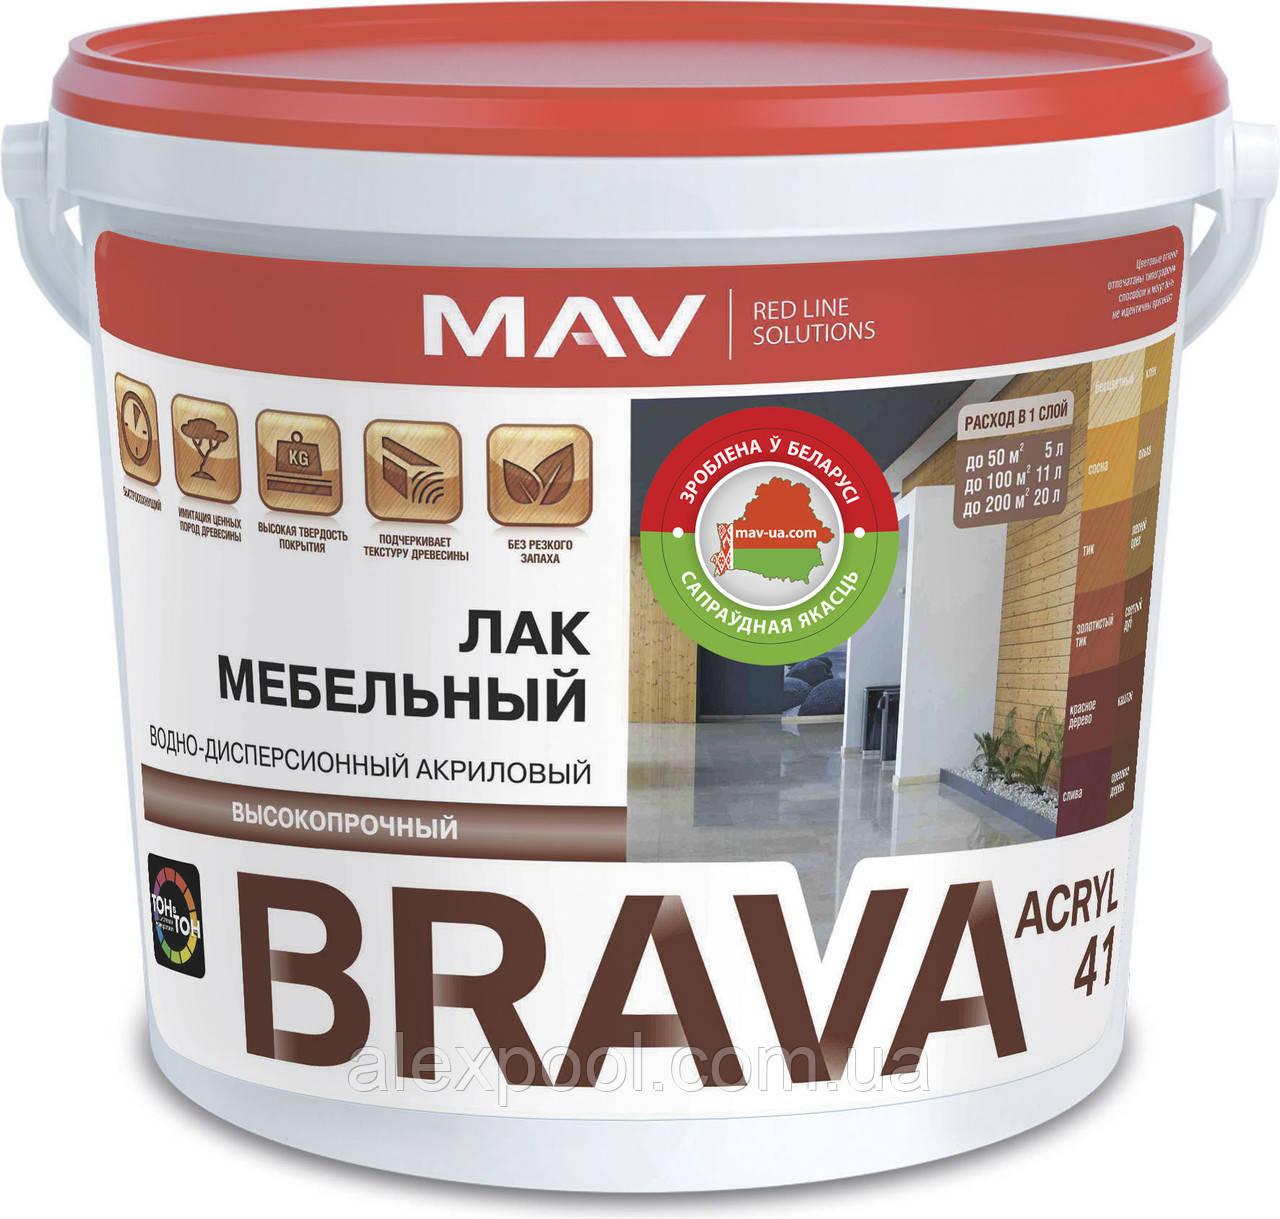 Лак MAV BRAVA ACRYL 41 мебельный Тик 5 литров